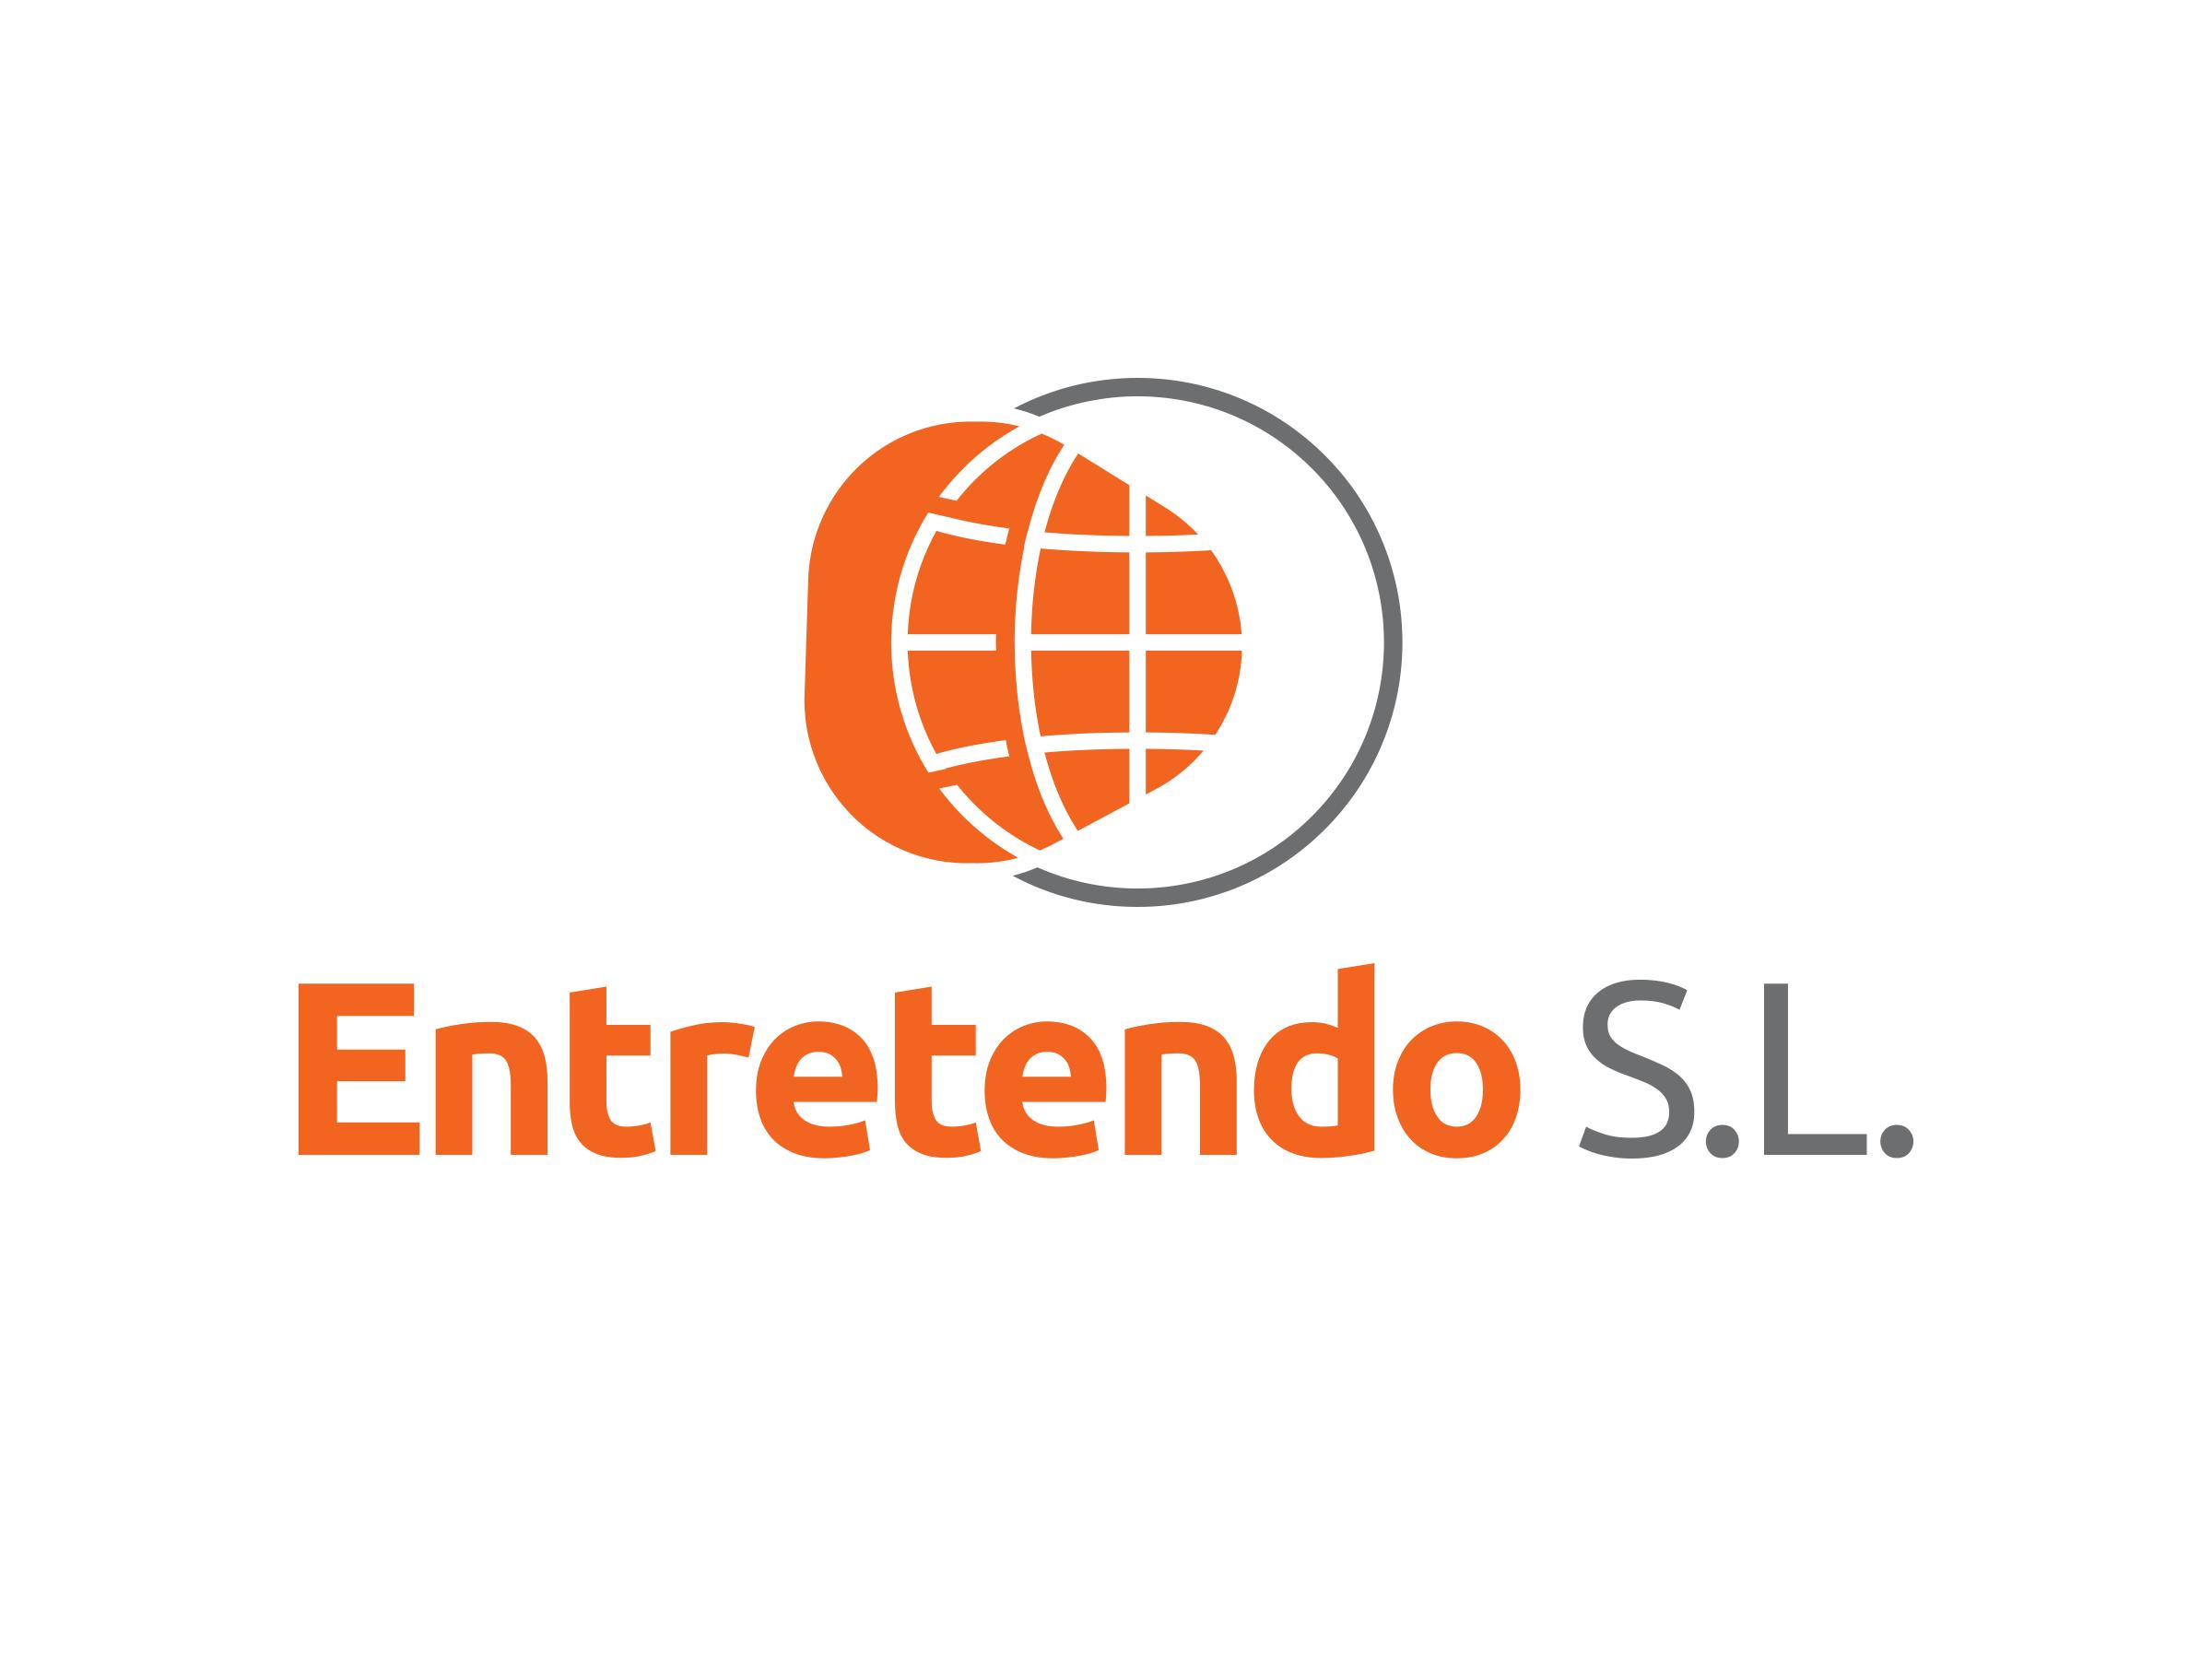 Bienvenidos a Entretendo S.L